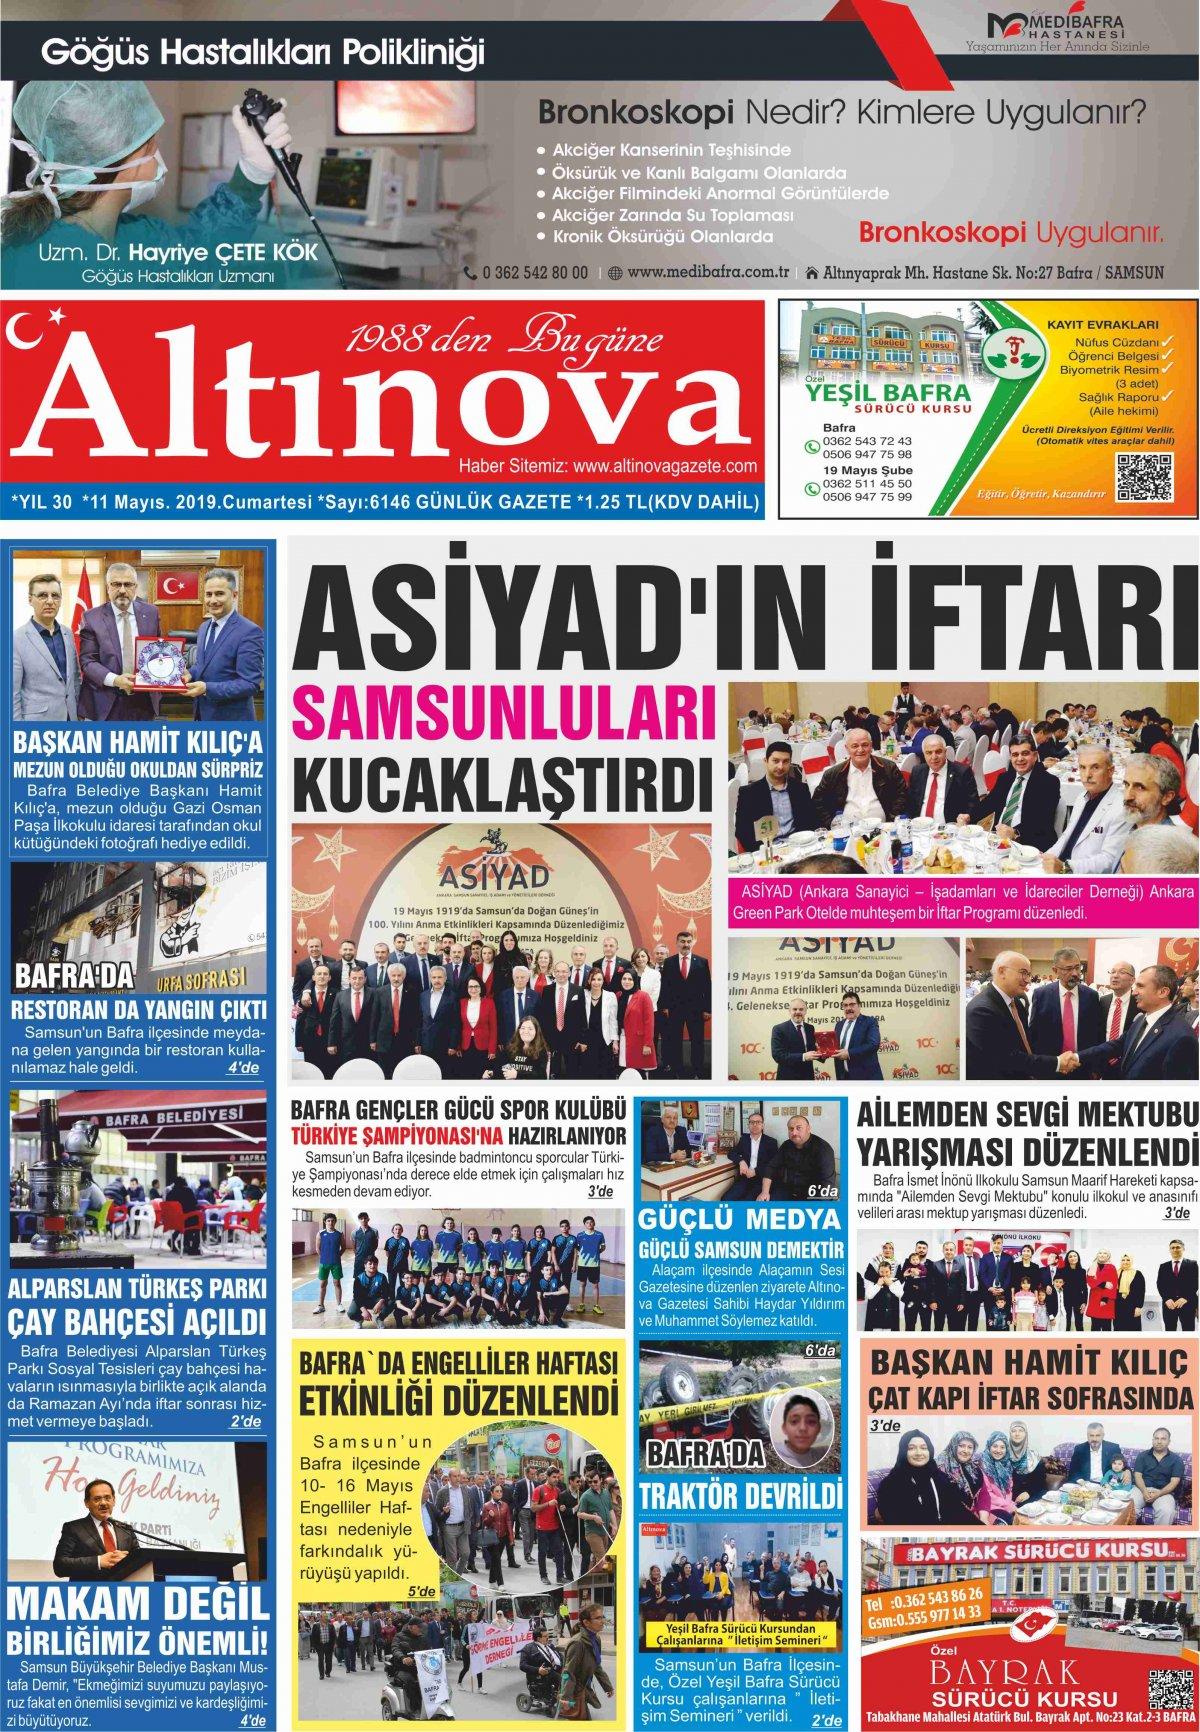 Samsun Bafra Haberleri | Samsun Haberleri - Haber, Haberler - 11.05.2019 Manşeti